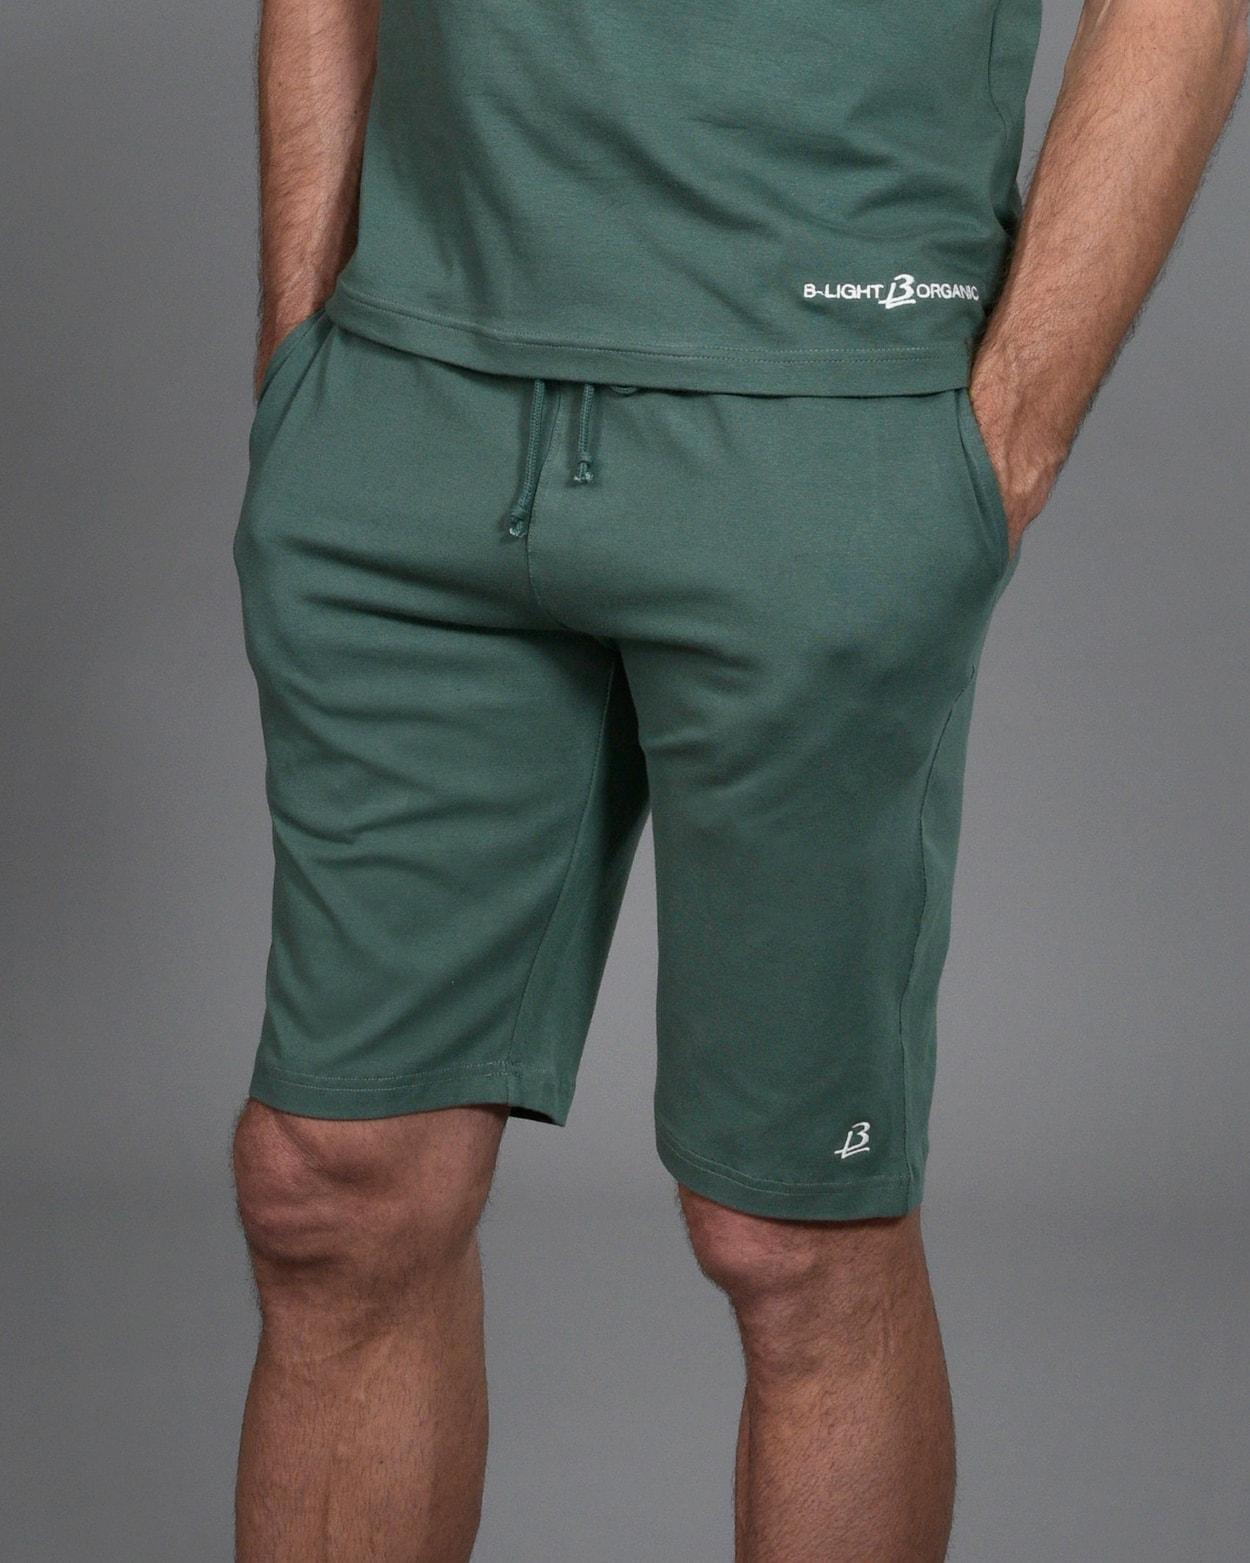 b-light-organic-clothes-shorts-ghutana-green-mattias-sunneborn-1